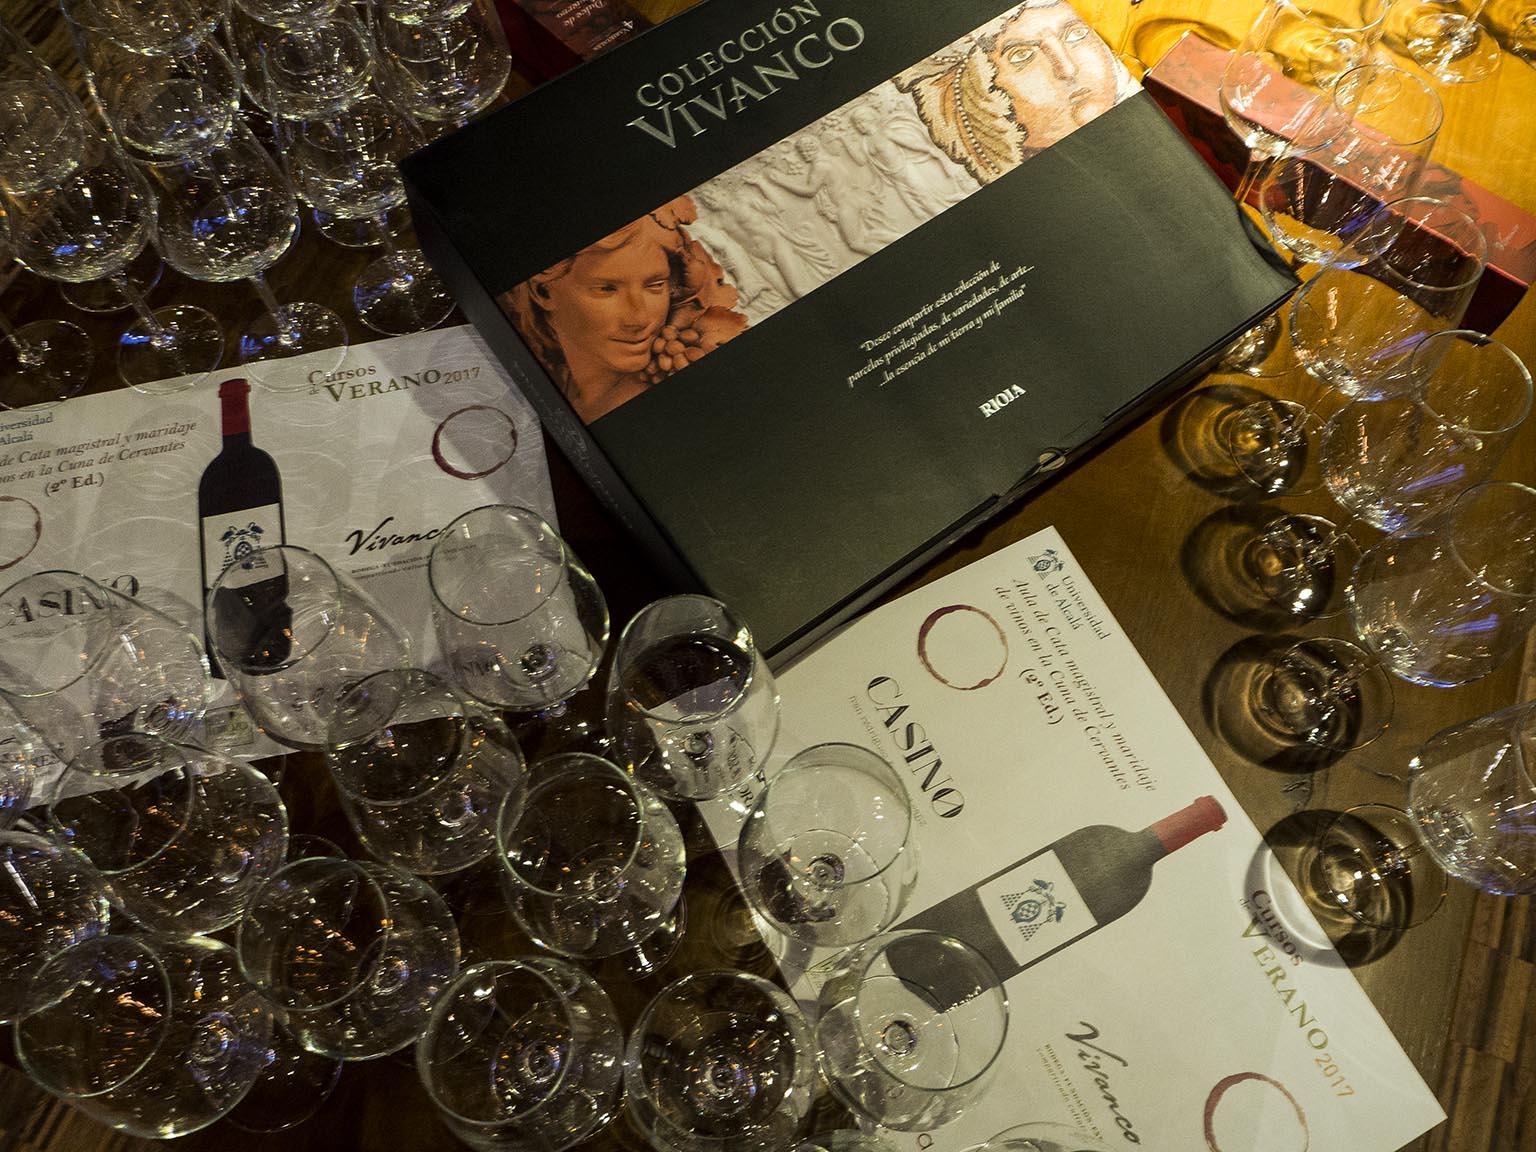 Vino Vivanco